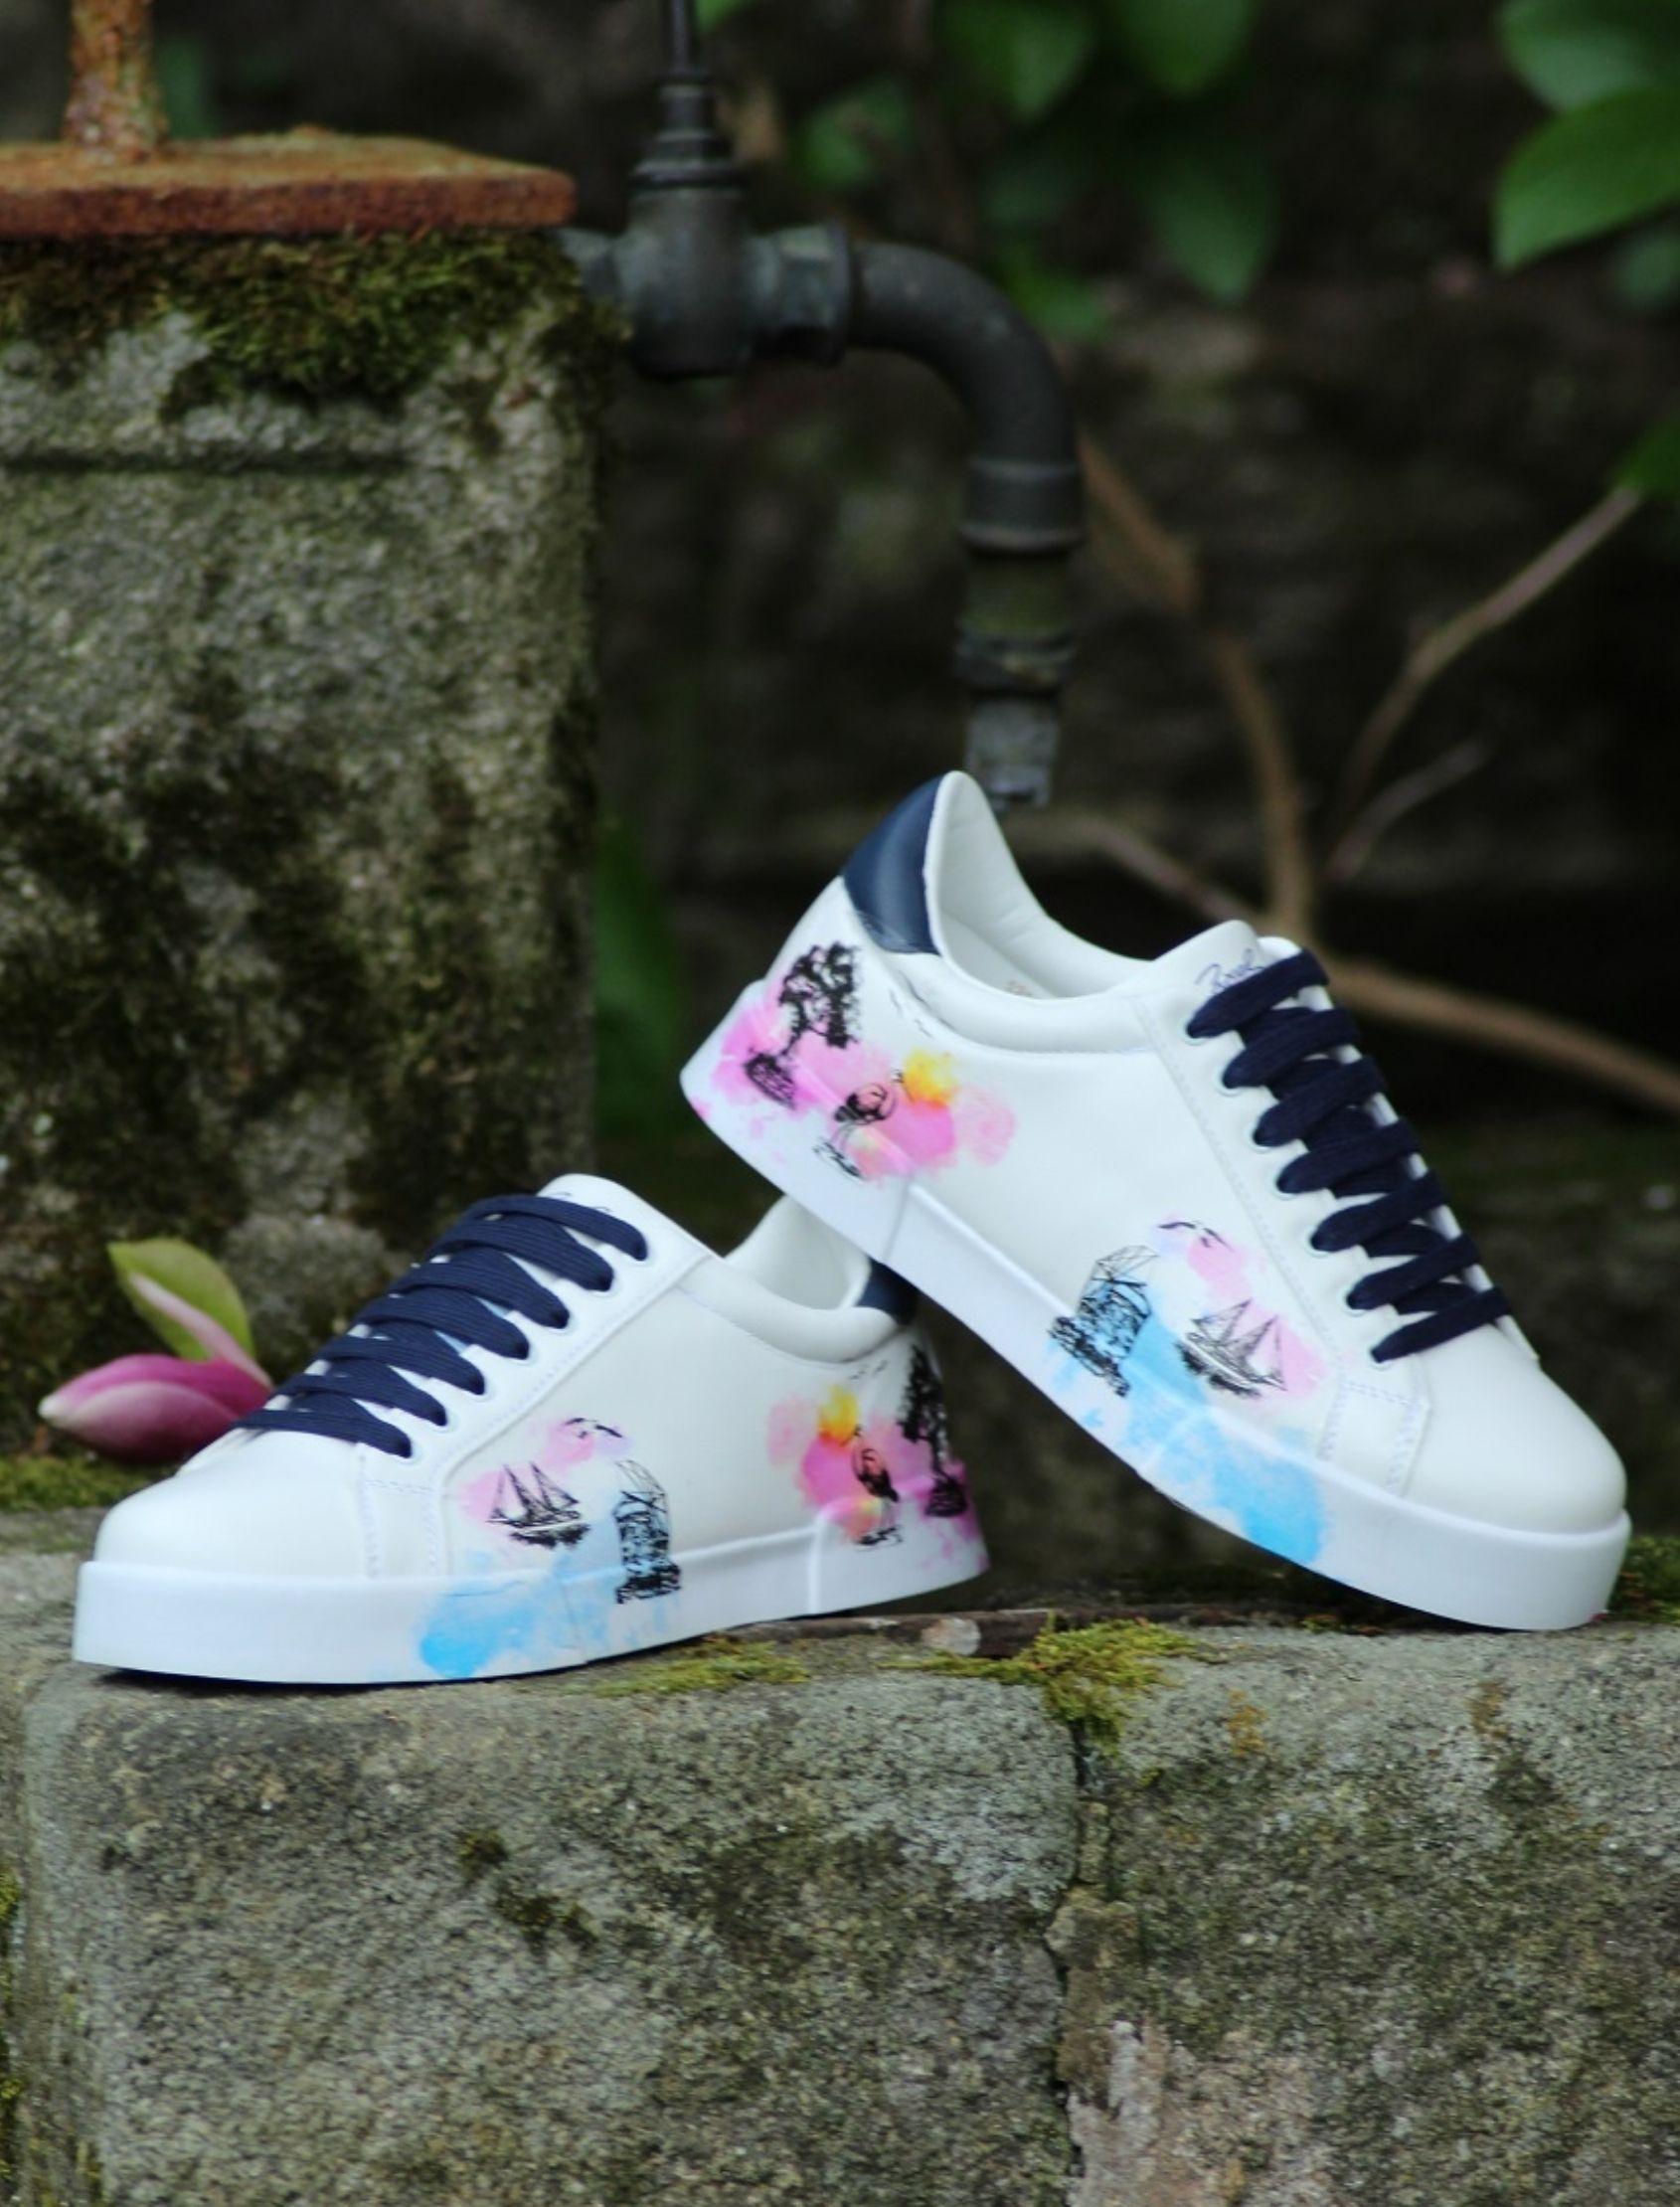 sneakers sueño griego en color blanco con estampado multicolor y cordones azul marino